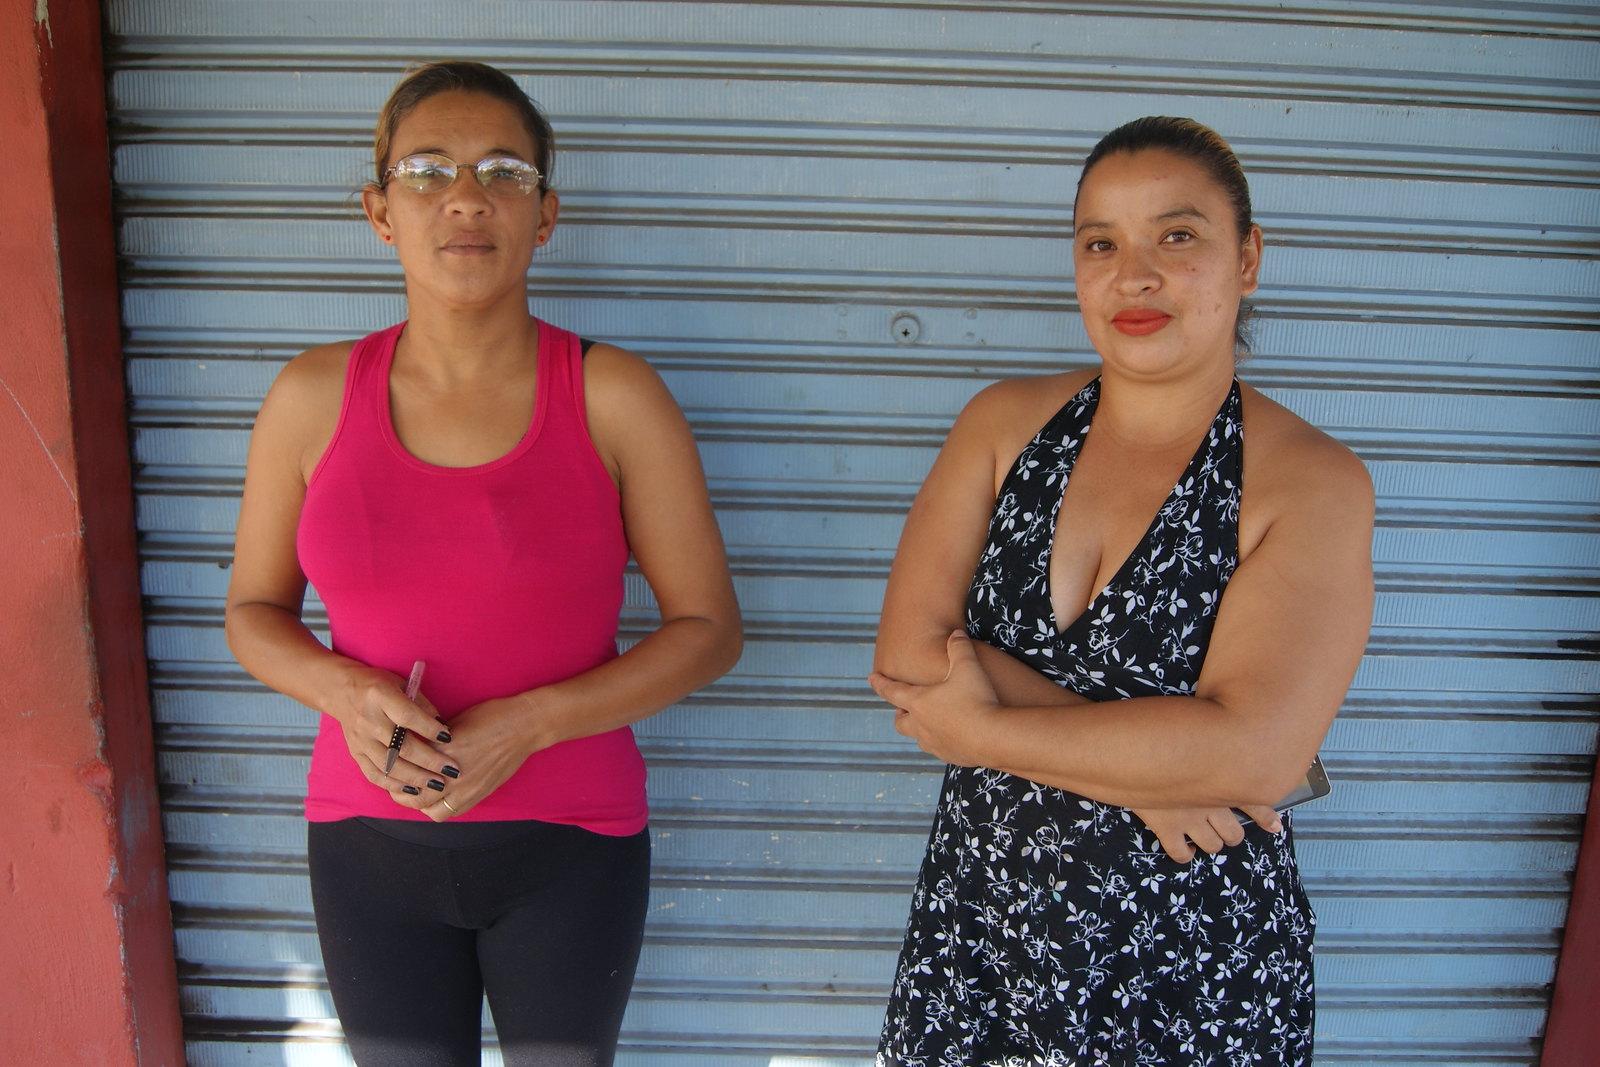 Estacionamento irregular de caminhões revolta moradores do Jardim Iguaçu 3